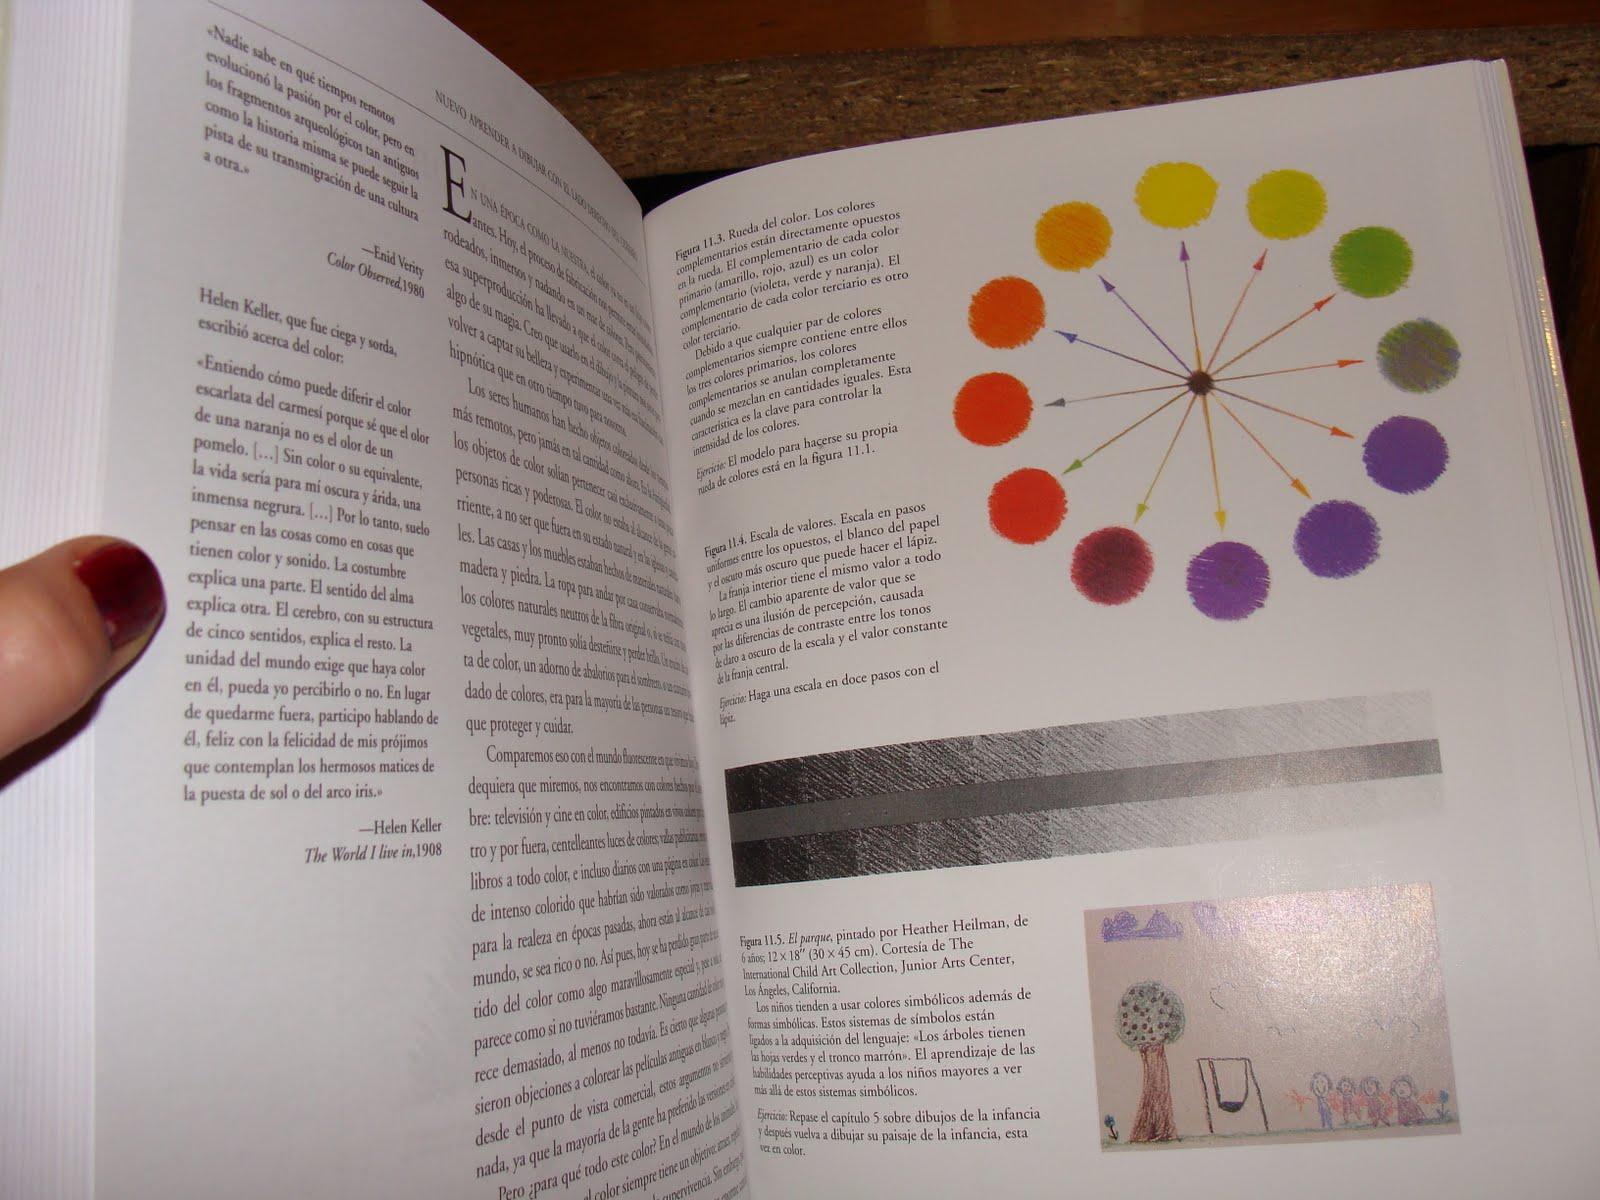 ArtEVisa: Aprender a dibujar con el lado derecho del cerebro